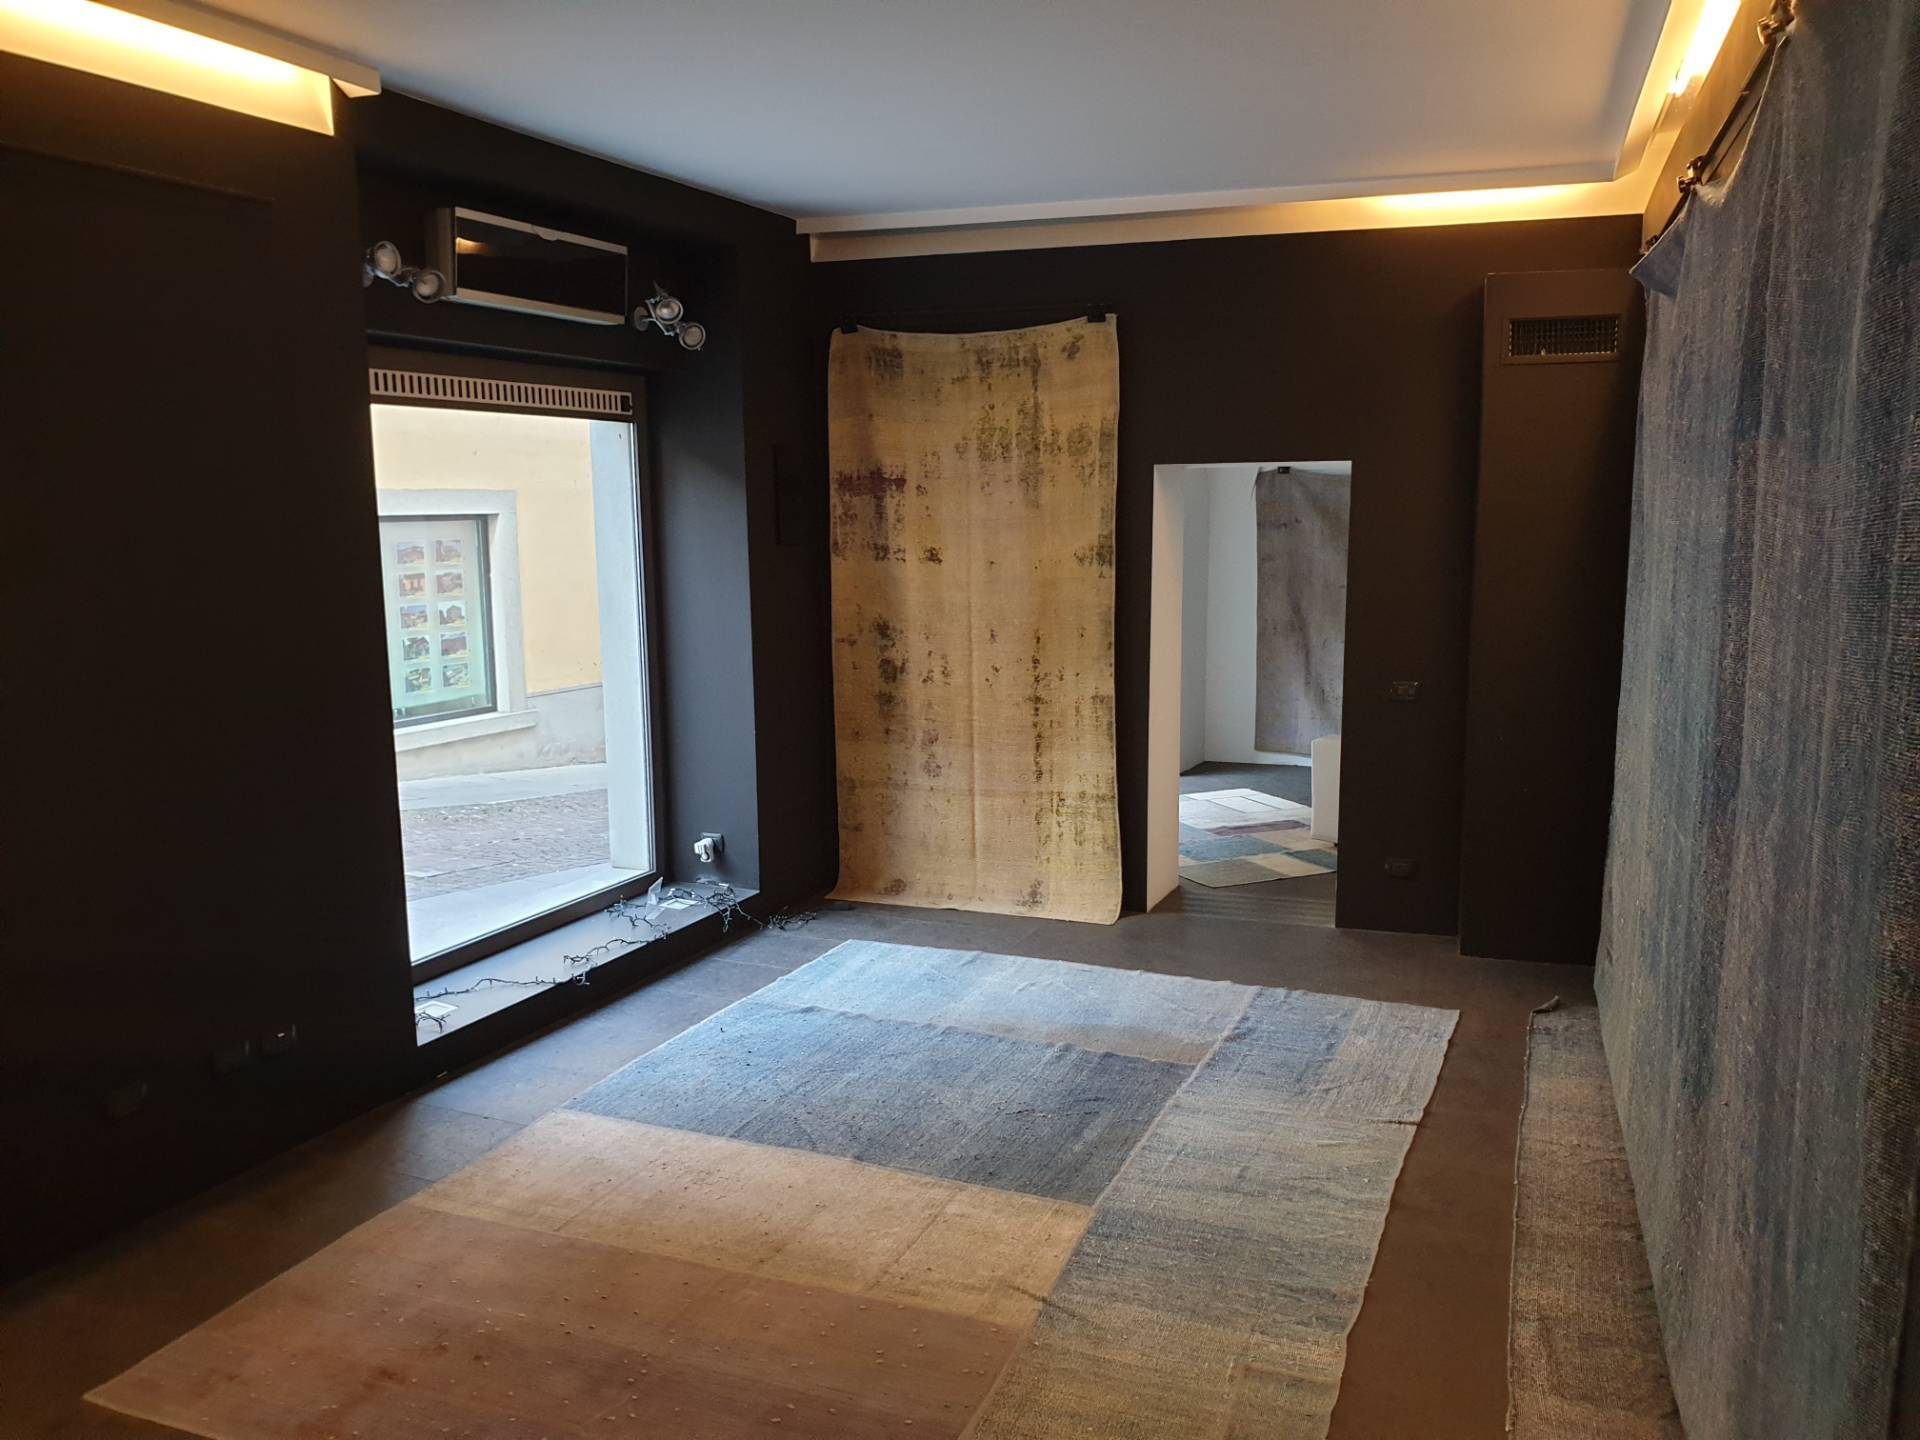 Ufficio / Studio in vendita a Palazzolo sull'Oglio, 9999 locali, prezzo € 120.000 | PortaleAgenzieImmobiliari.it